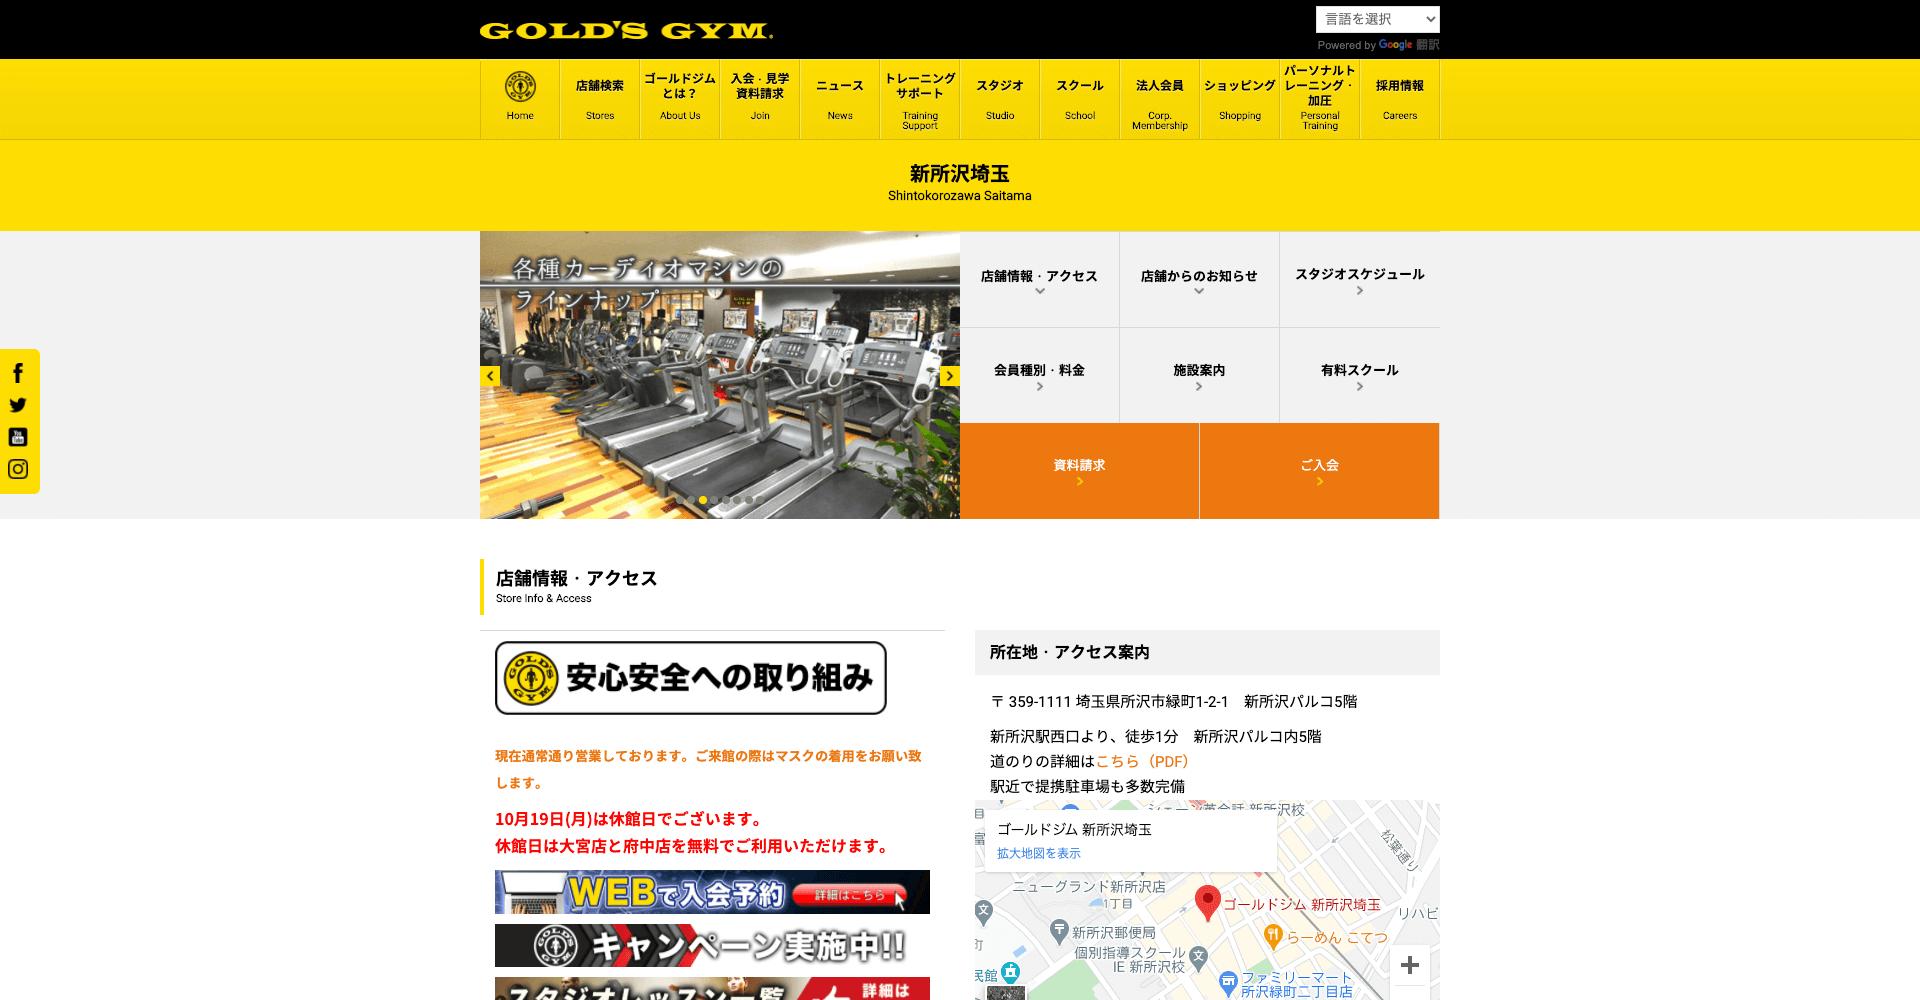 ゴールドジム 新所沢埼玉